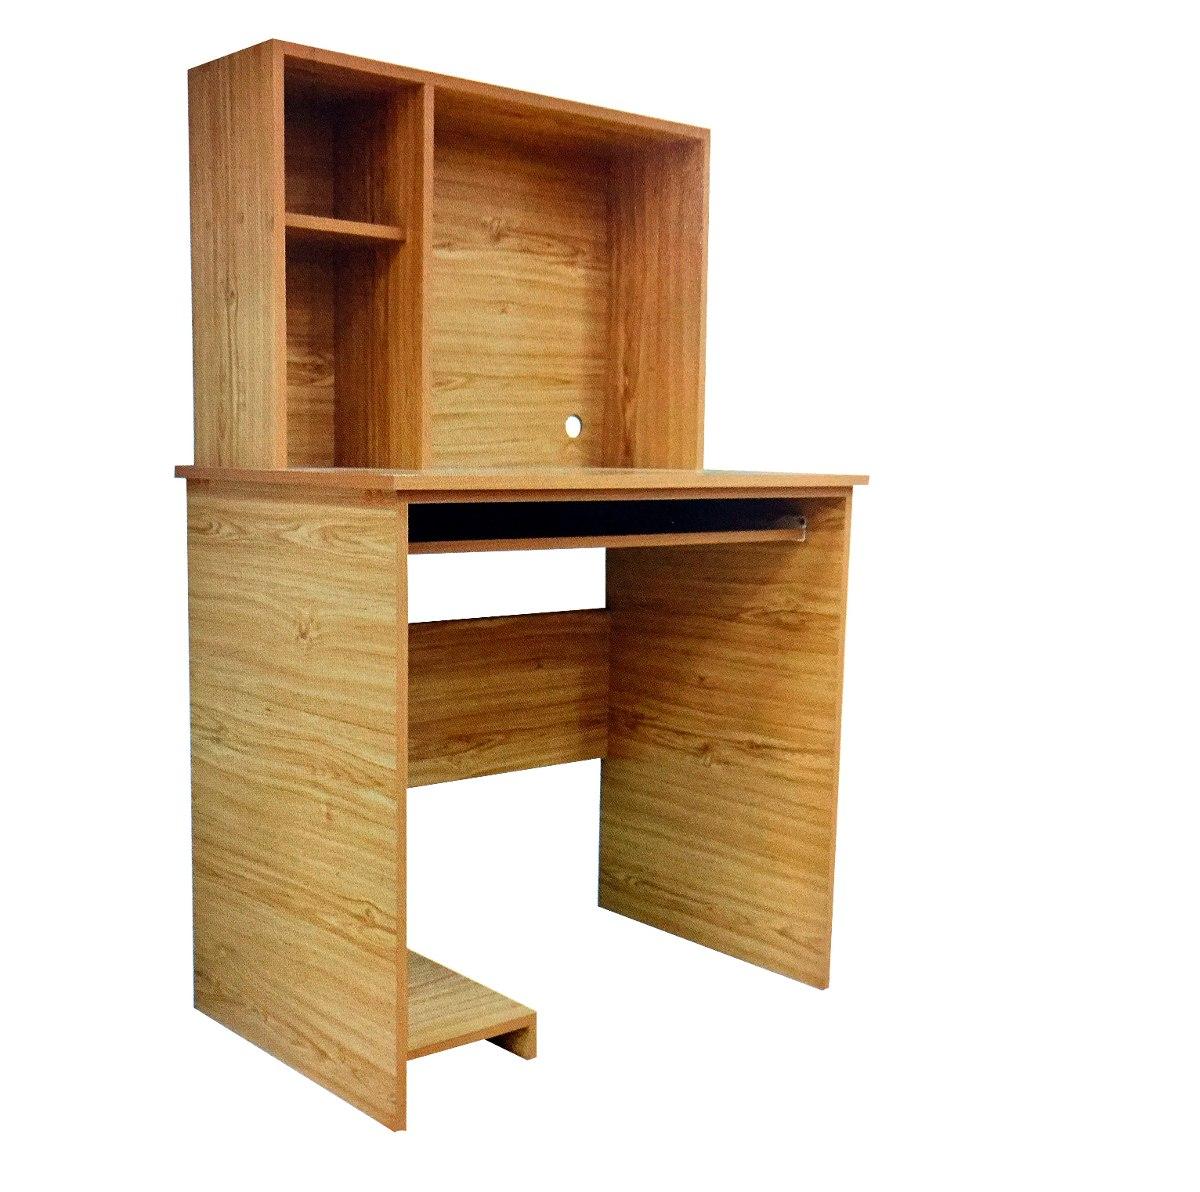 Combo mueble y silla giratoria u s 90 00 en mercado libre for Combo muebles hogar